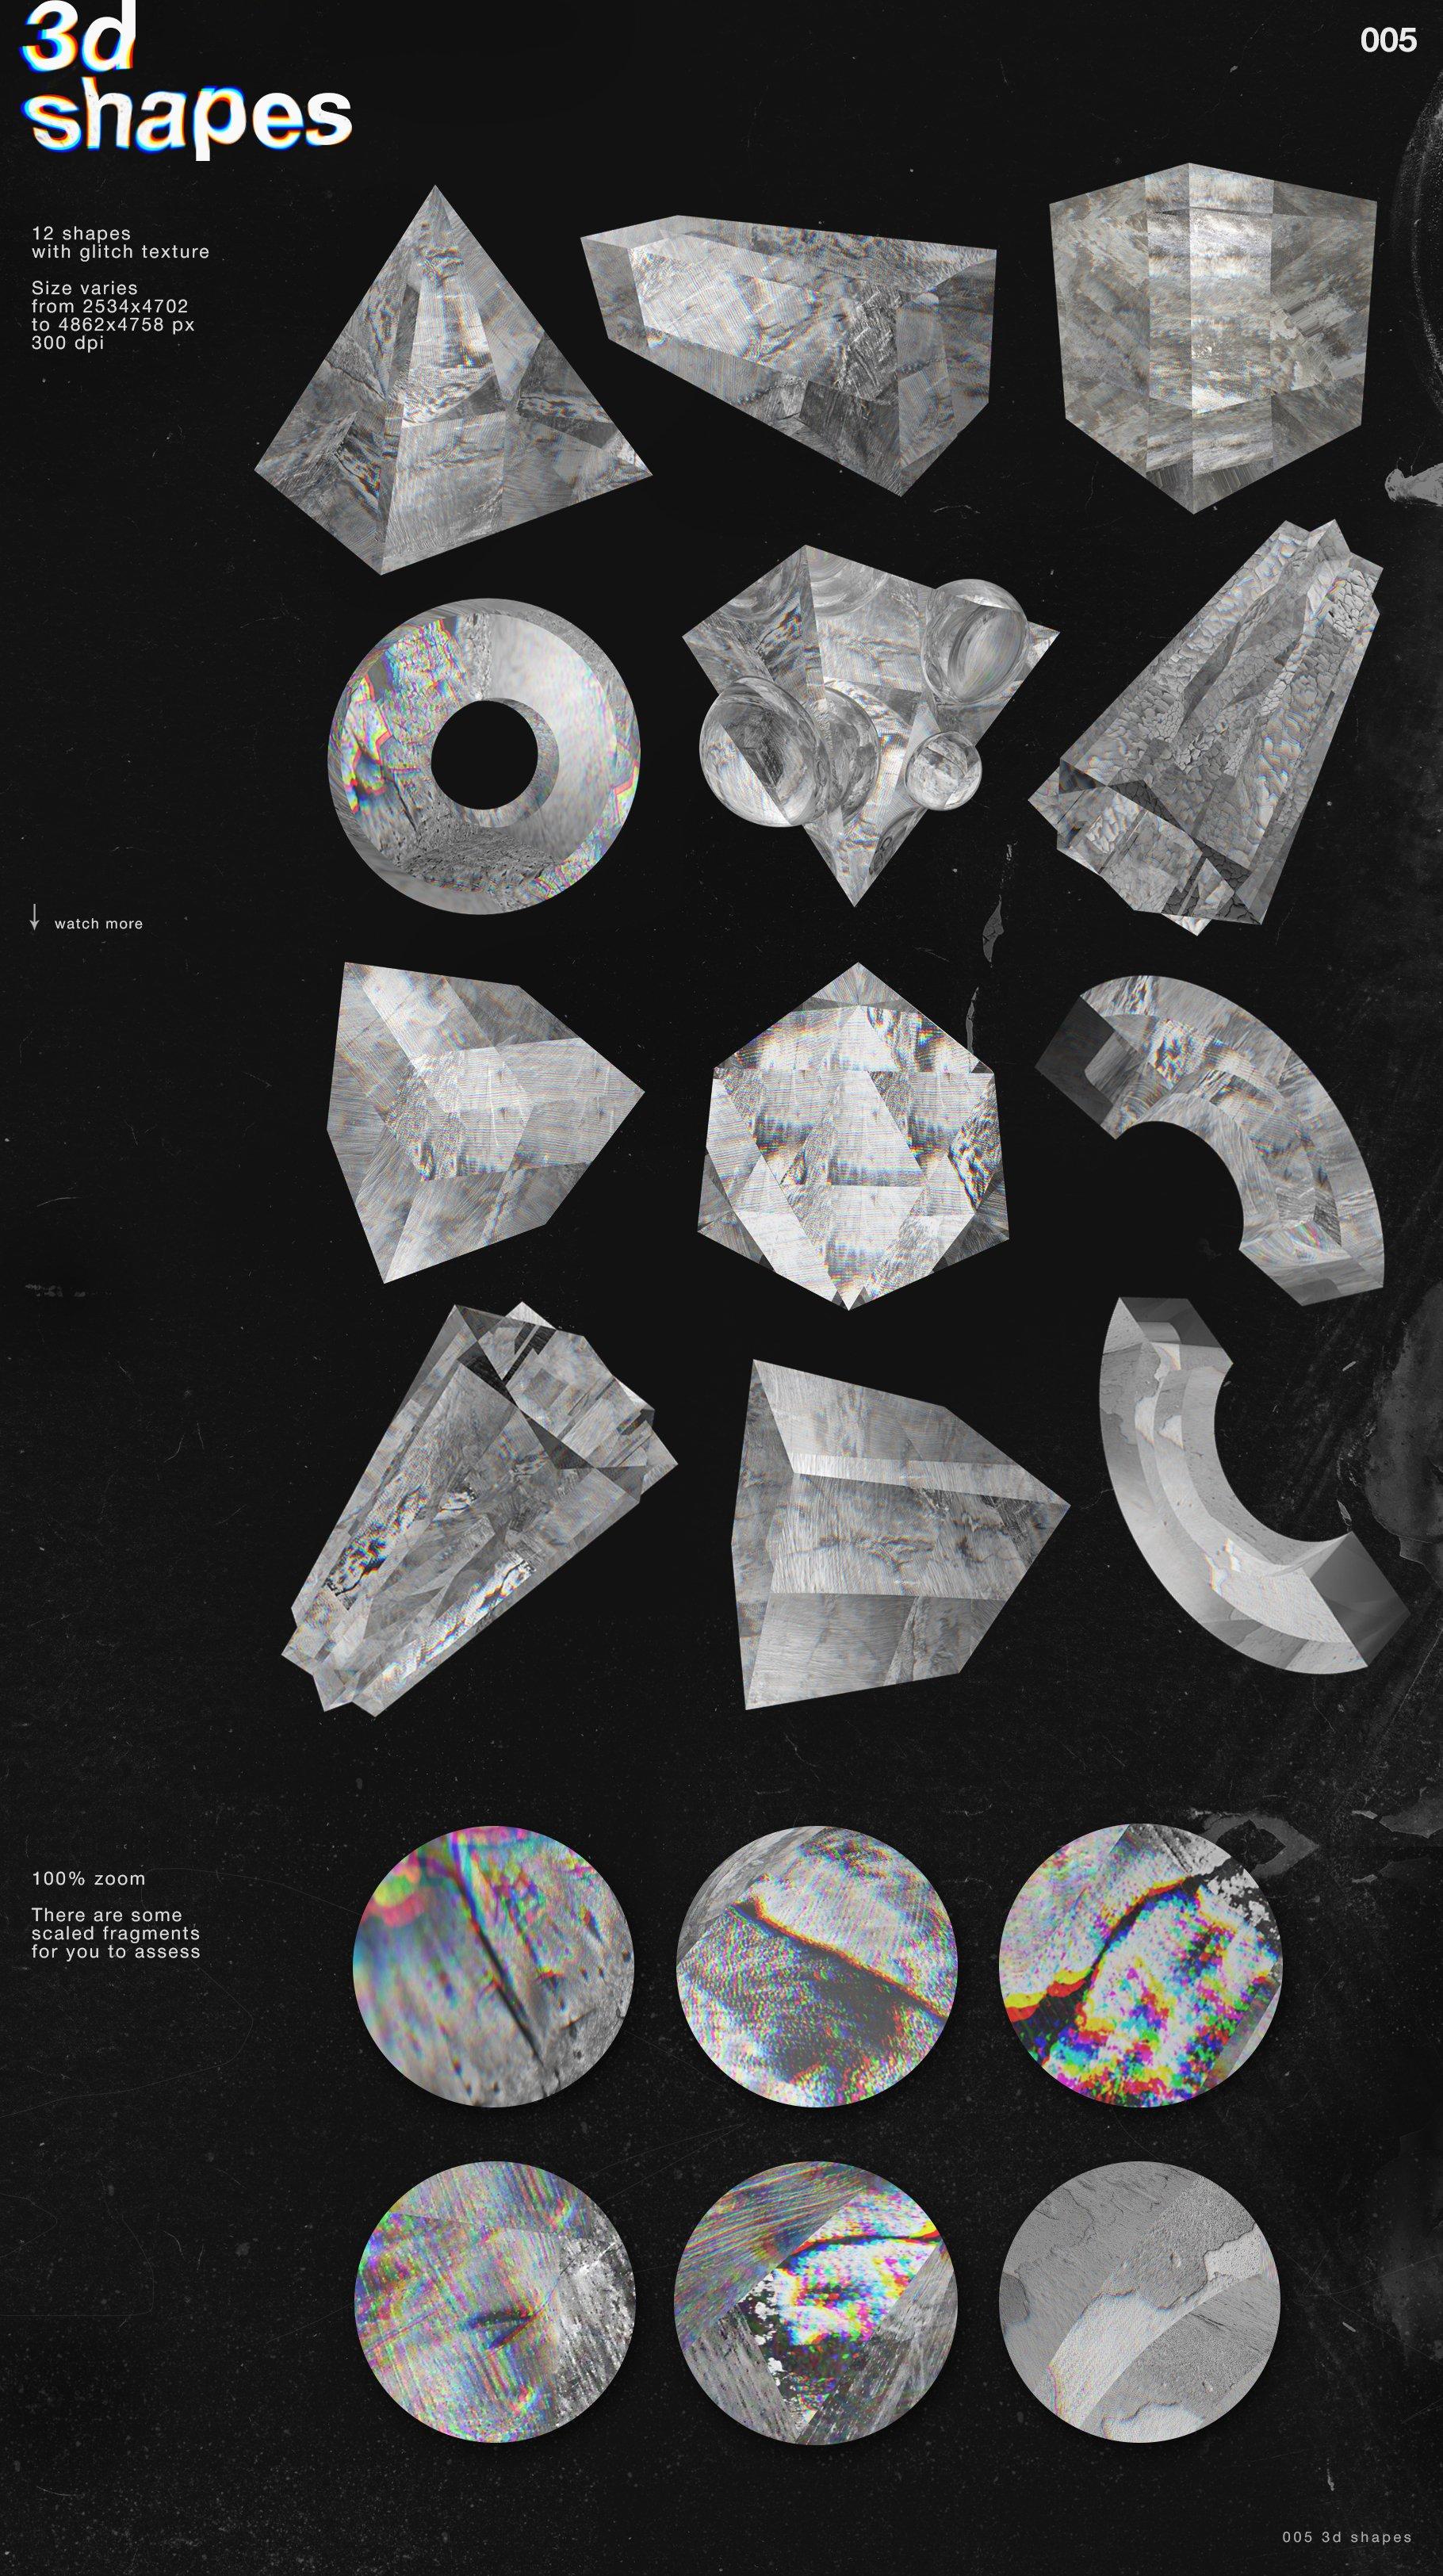 [淘宝购买] 潮流抽象故障扭曲网格塑料薄膜海报设计背景纹理素材 Grunge&Glitch – Toolkit 7in1插图(6)